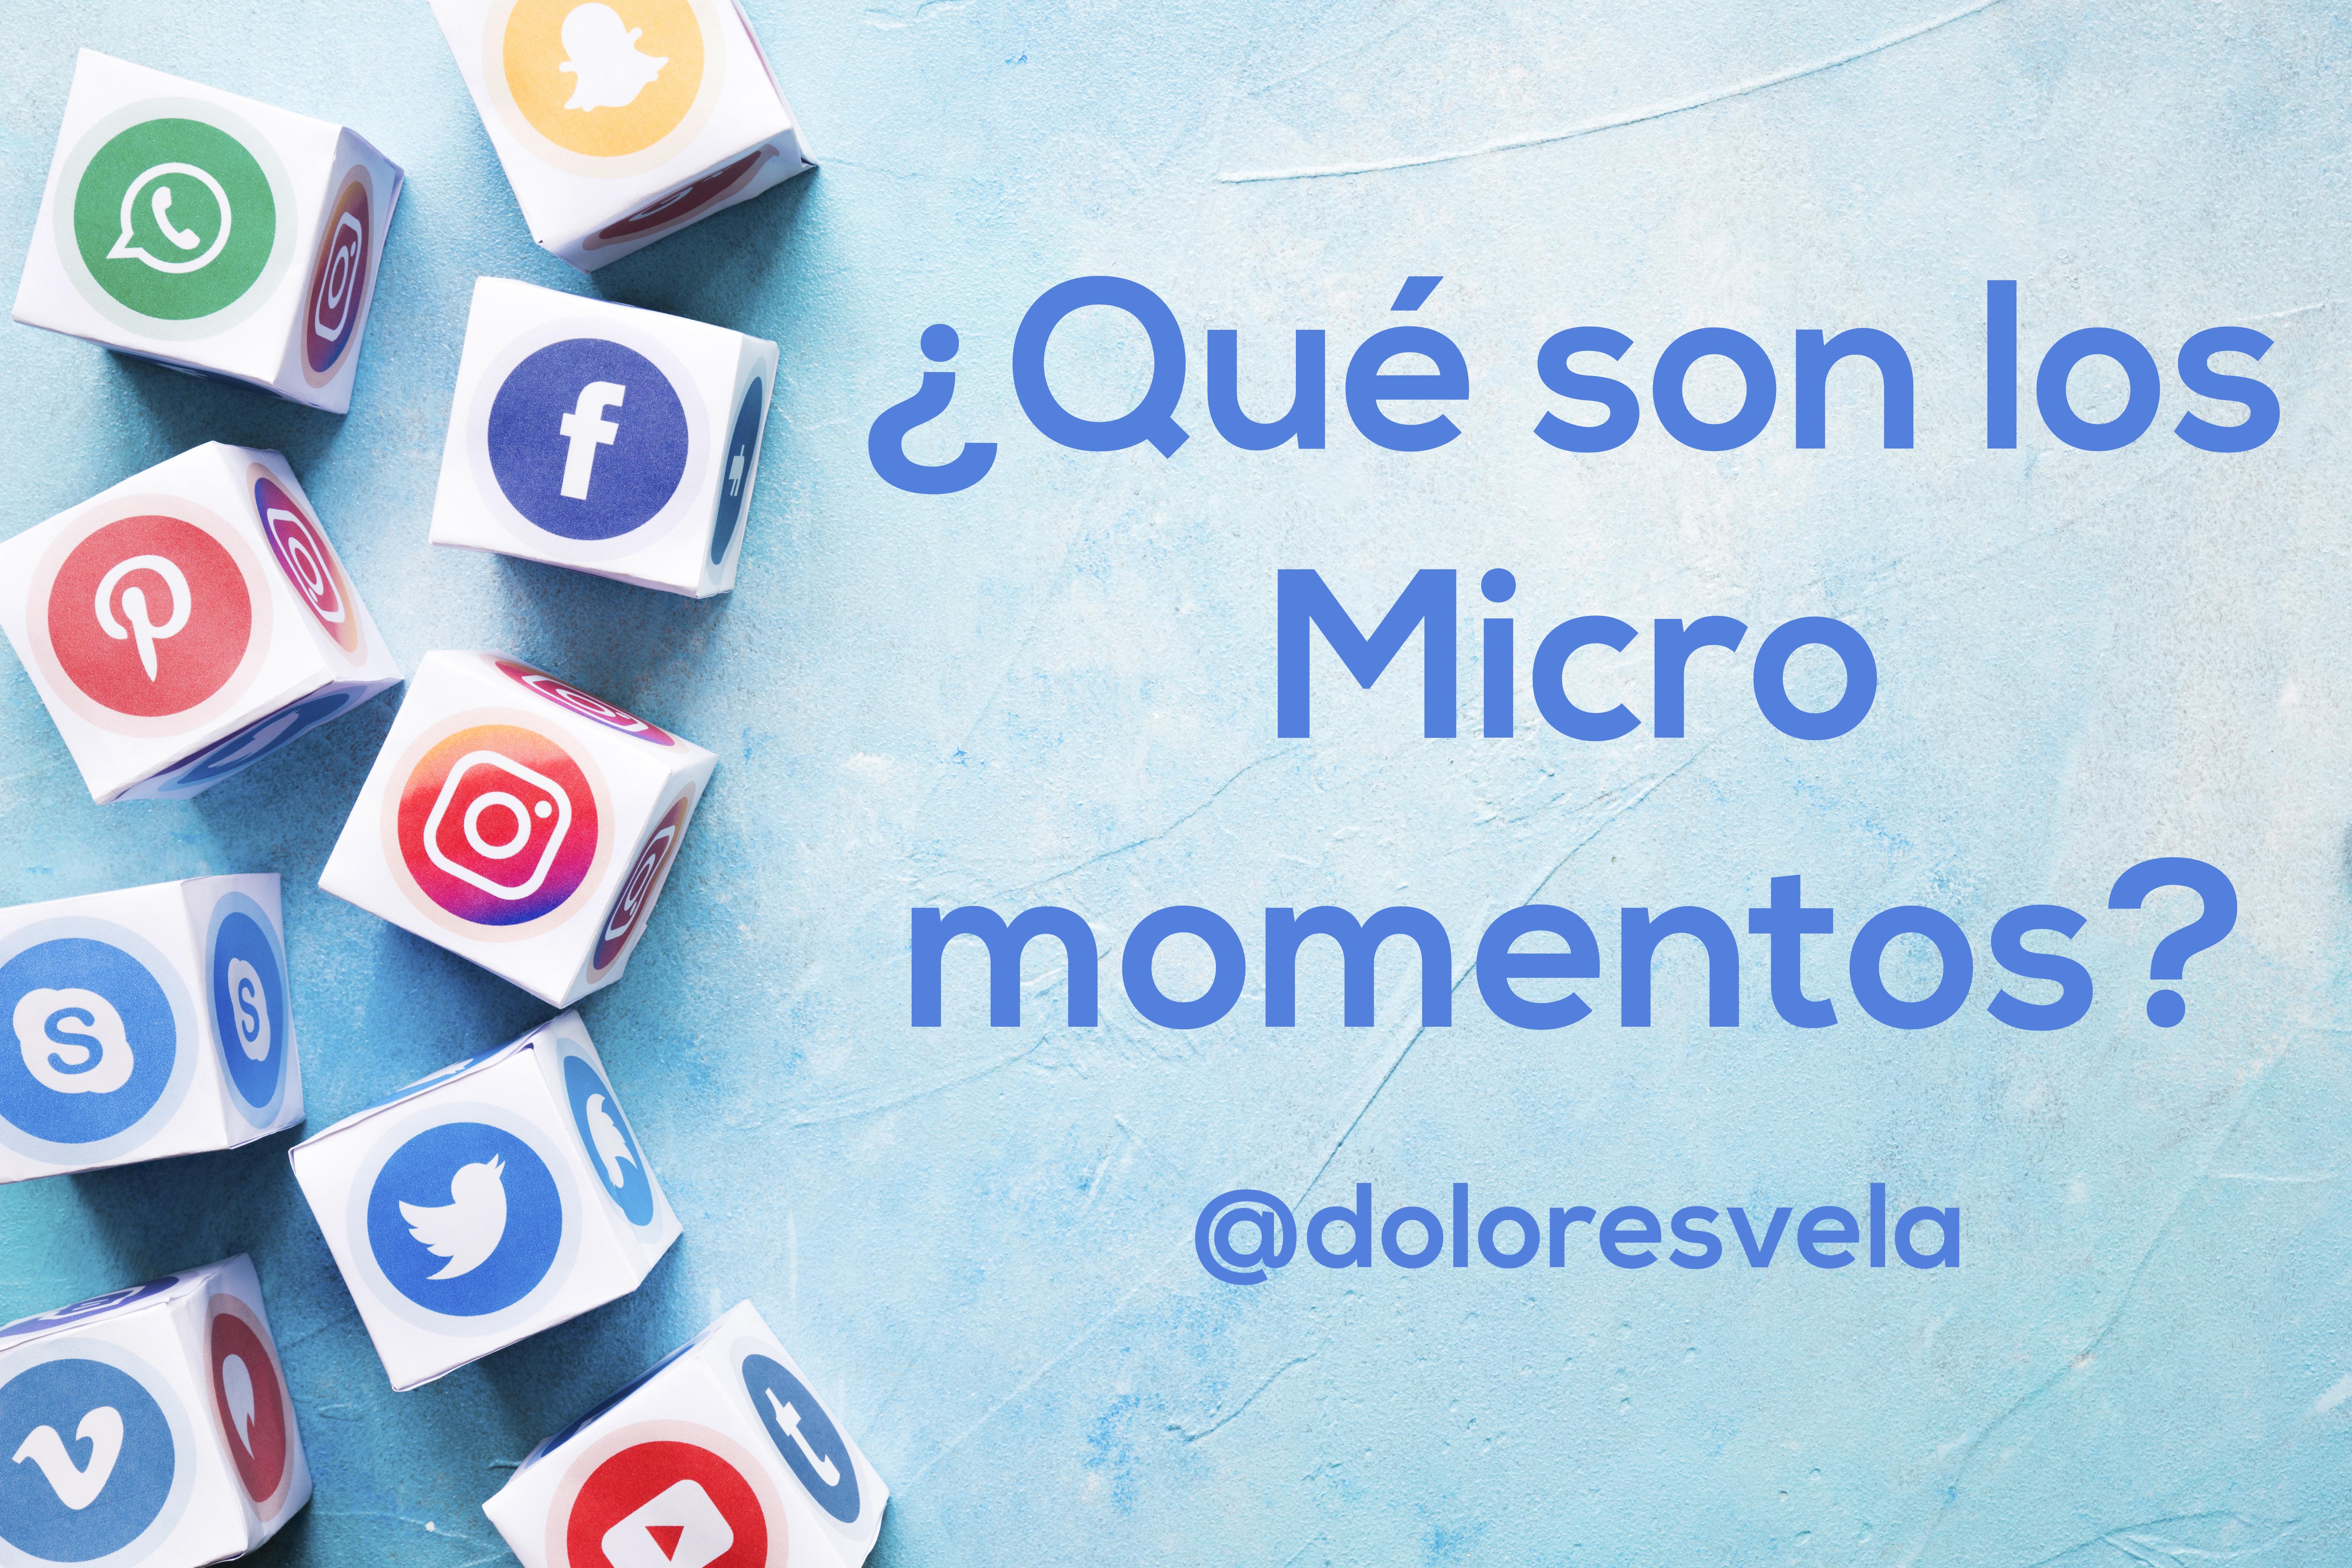 Micromomentos, los nuevos reyes en medios y redes sociales